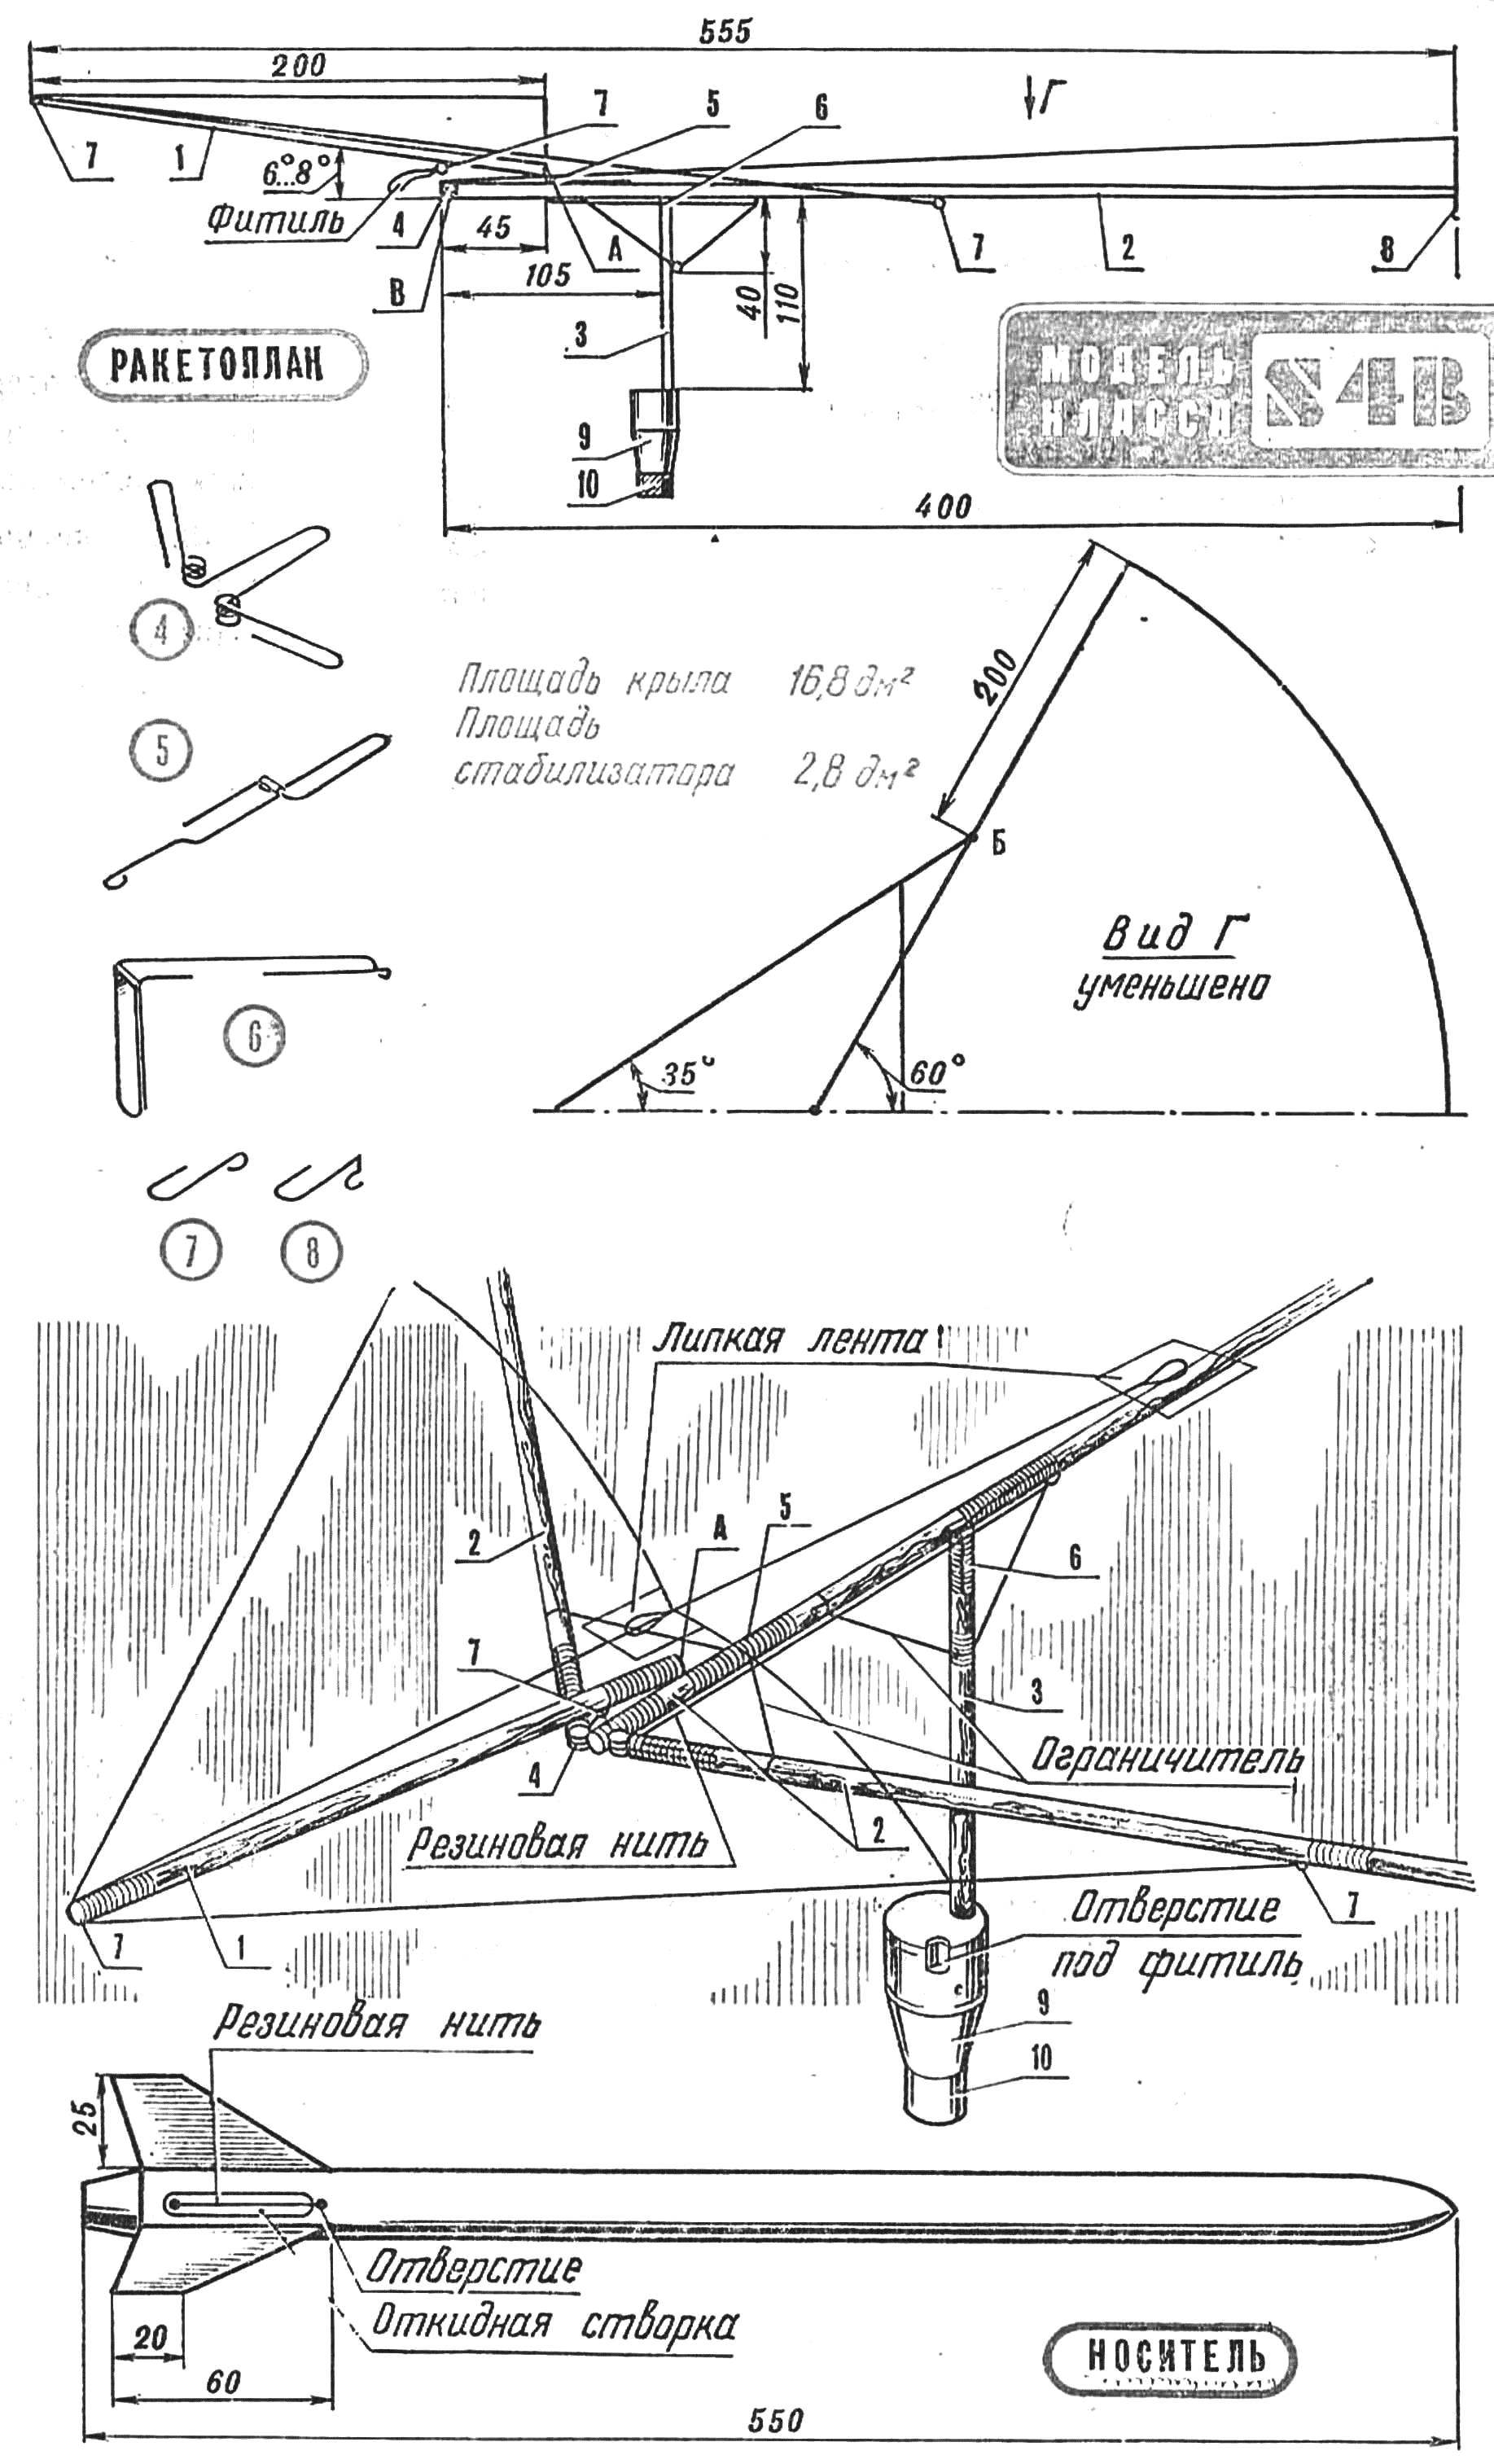 Рис. 1. Модель ракетоплана с гибким крылом